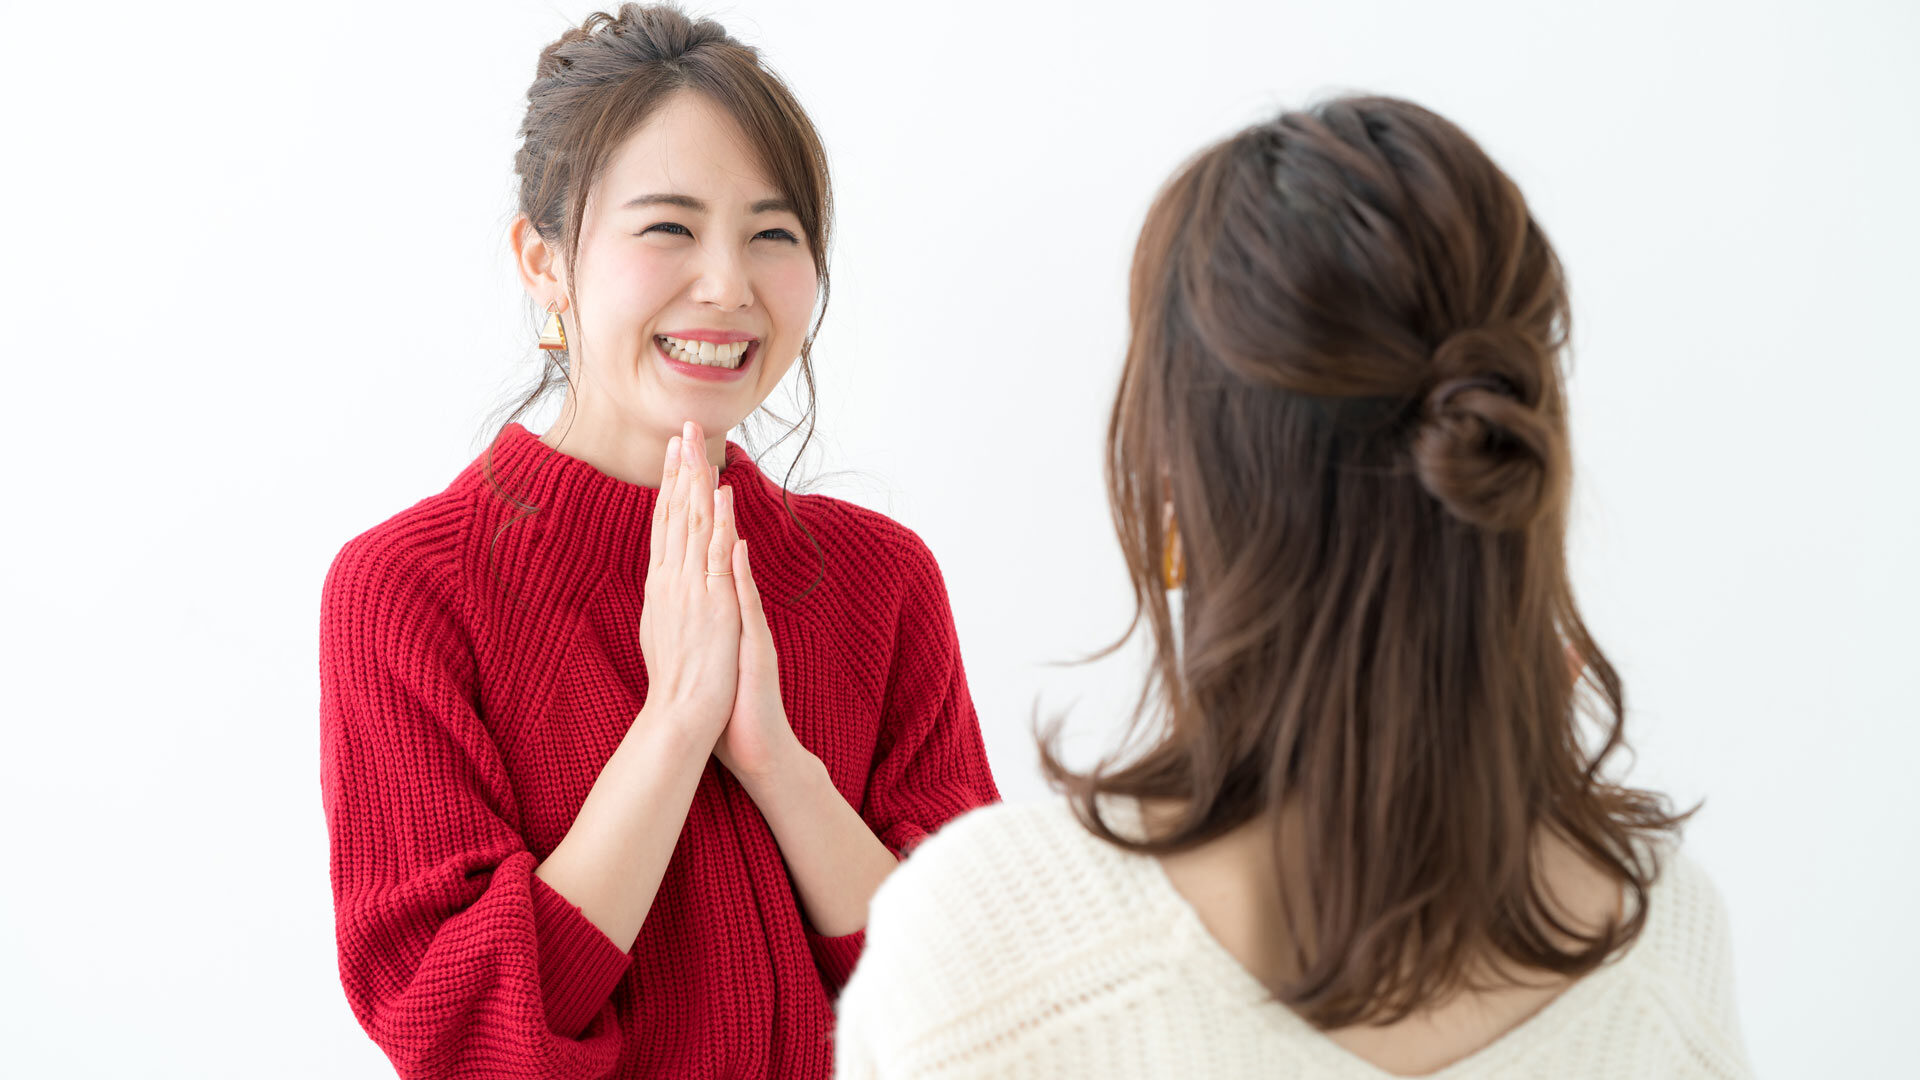 笑顔で会話する女性